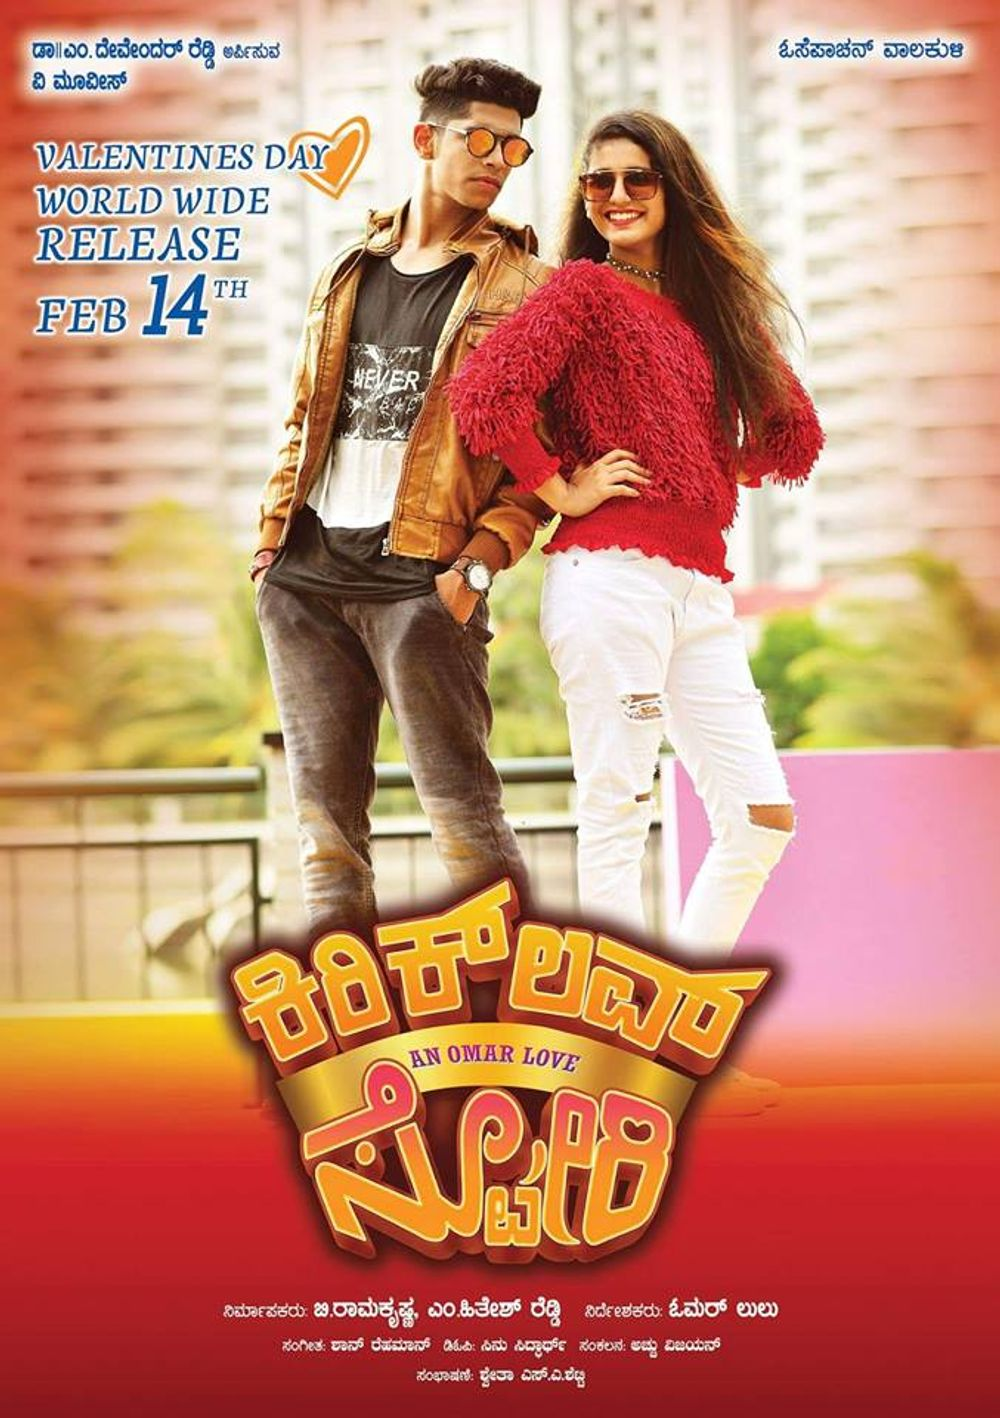 Ek Dhansu Love Story (Oru Adaar Love) 2021 Hindi Dubbed 720p HDRip 800MB Download